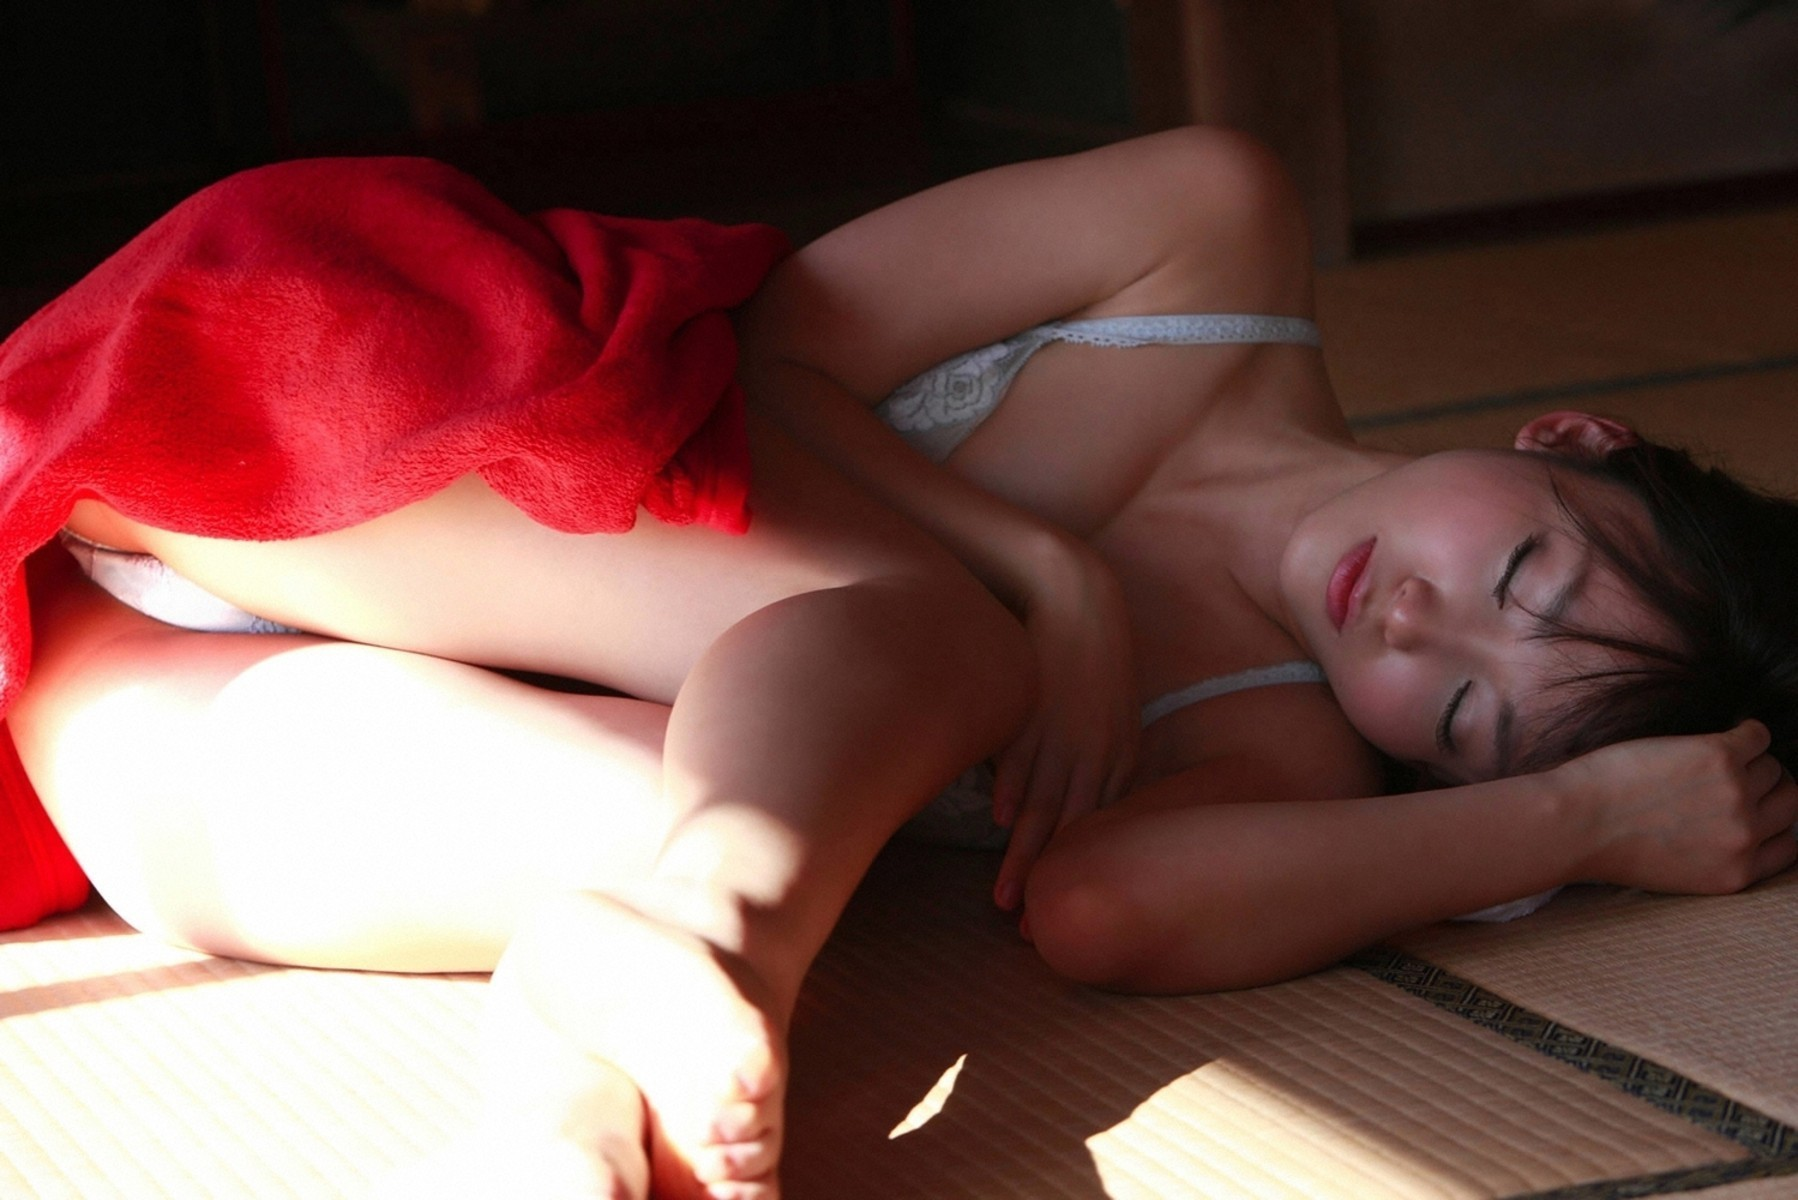 【寝姿エロ画像】ぐっすりと夢の世界に入った女子たちのイタズラしたくなる尻(;^ω^)